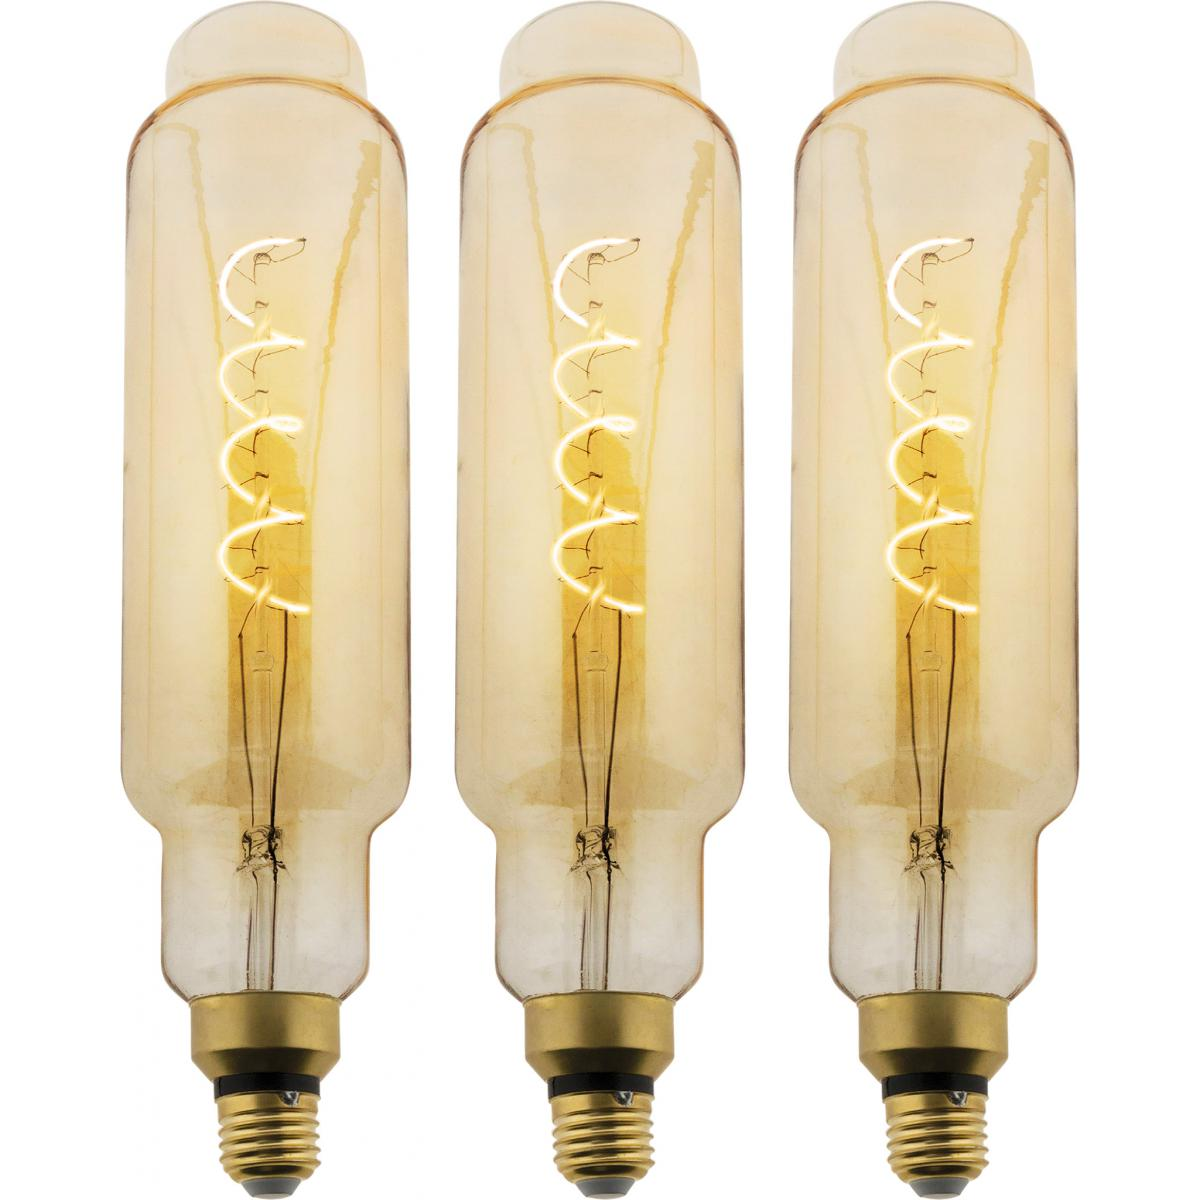 Elexity Lot de 3 ampoules LED Filament Géante Ovale - 5W E27 350lm 2500K (Blanc chaud)